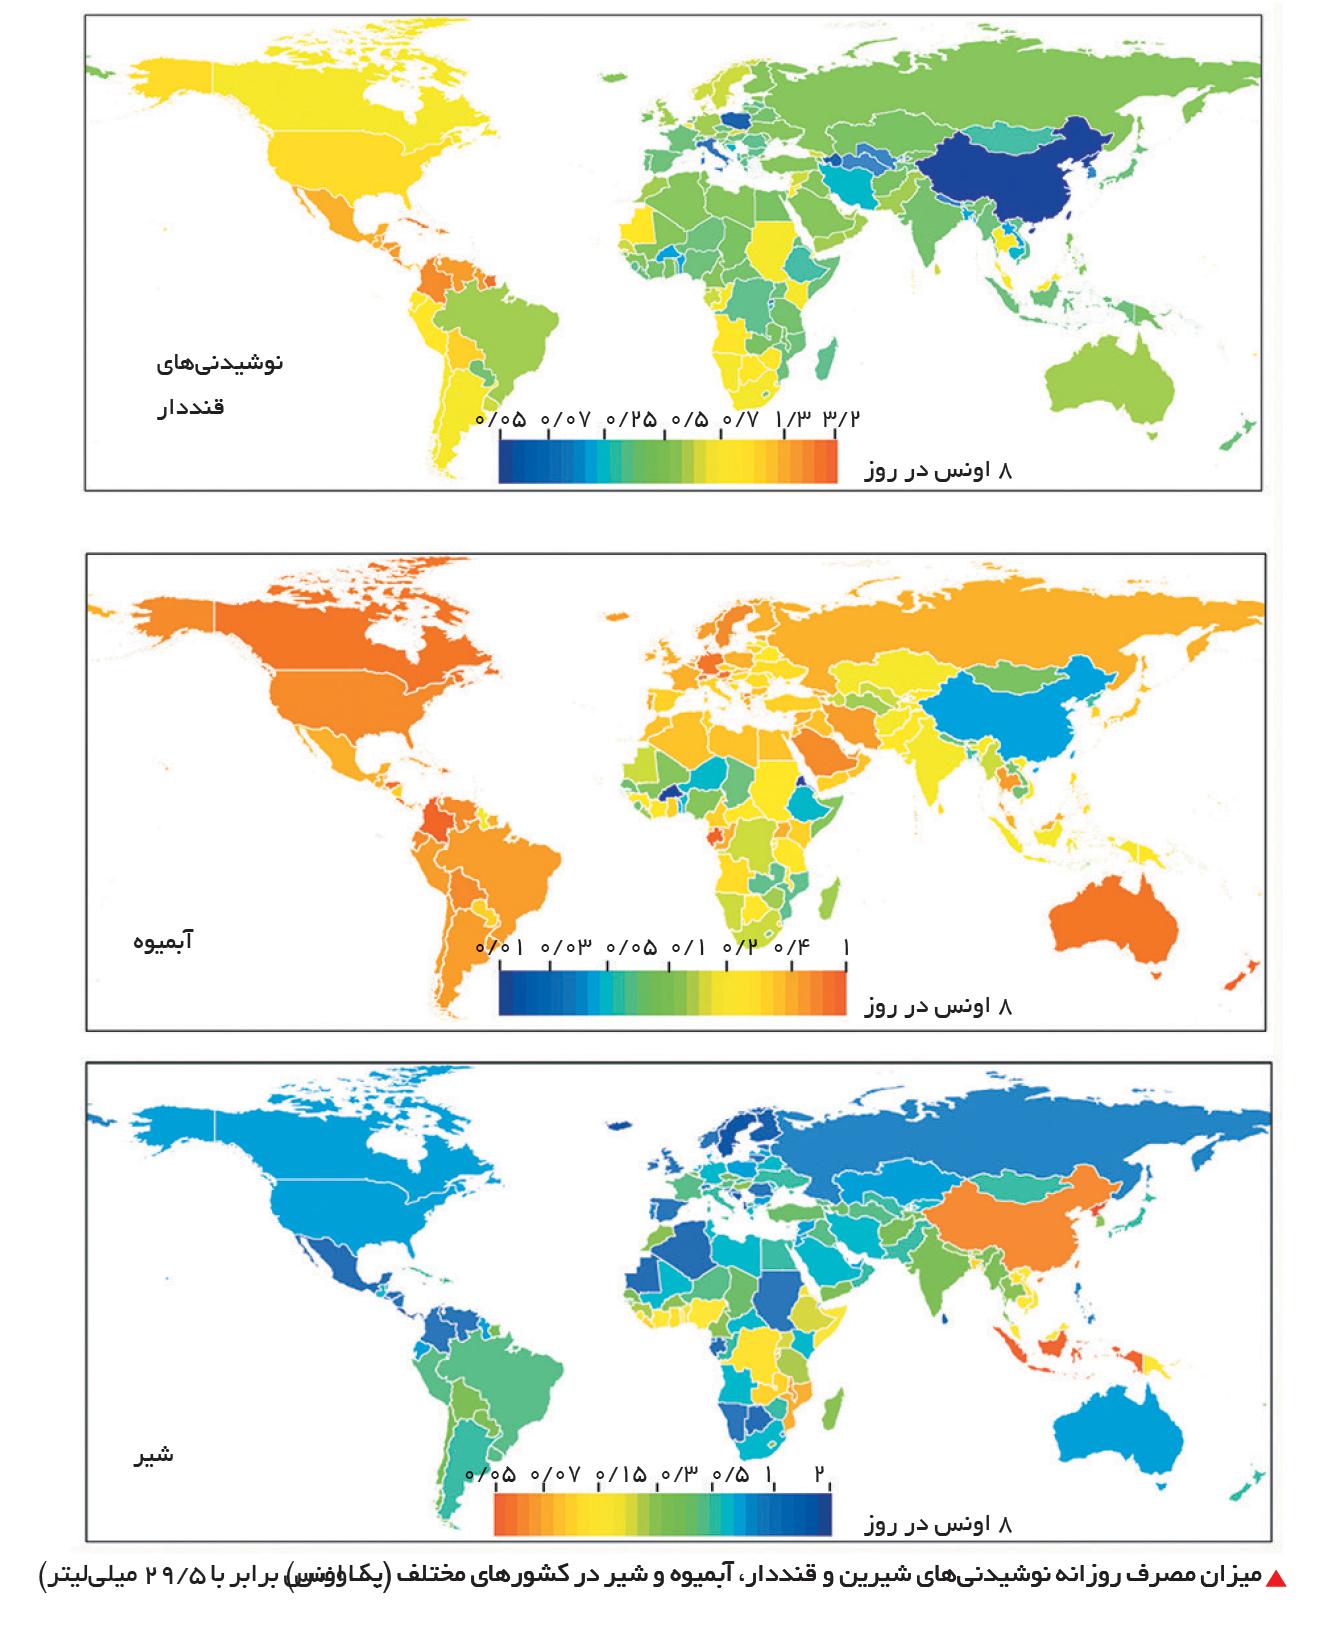 تجارت- فردا- میزان مصرف روزانه نوشیدنیهای شیرین و قنددار، آبمیوه و شیر در کشورهای مختلف (یک اونس برابر با 29/5 میلیلیتر)